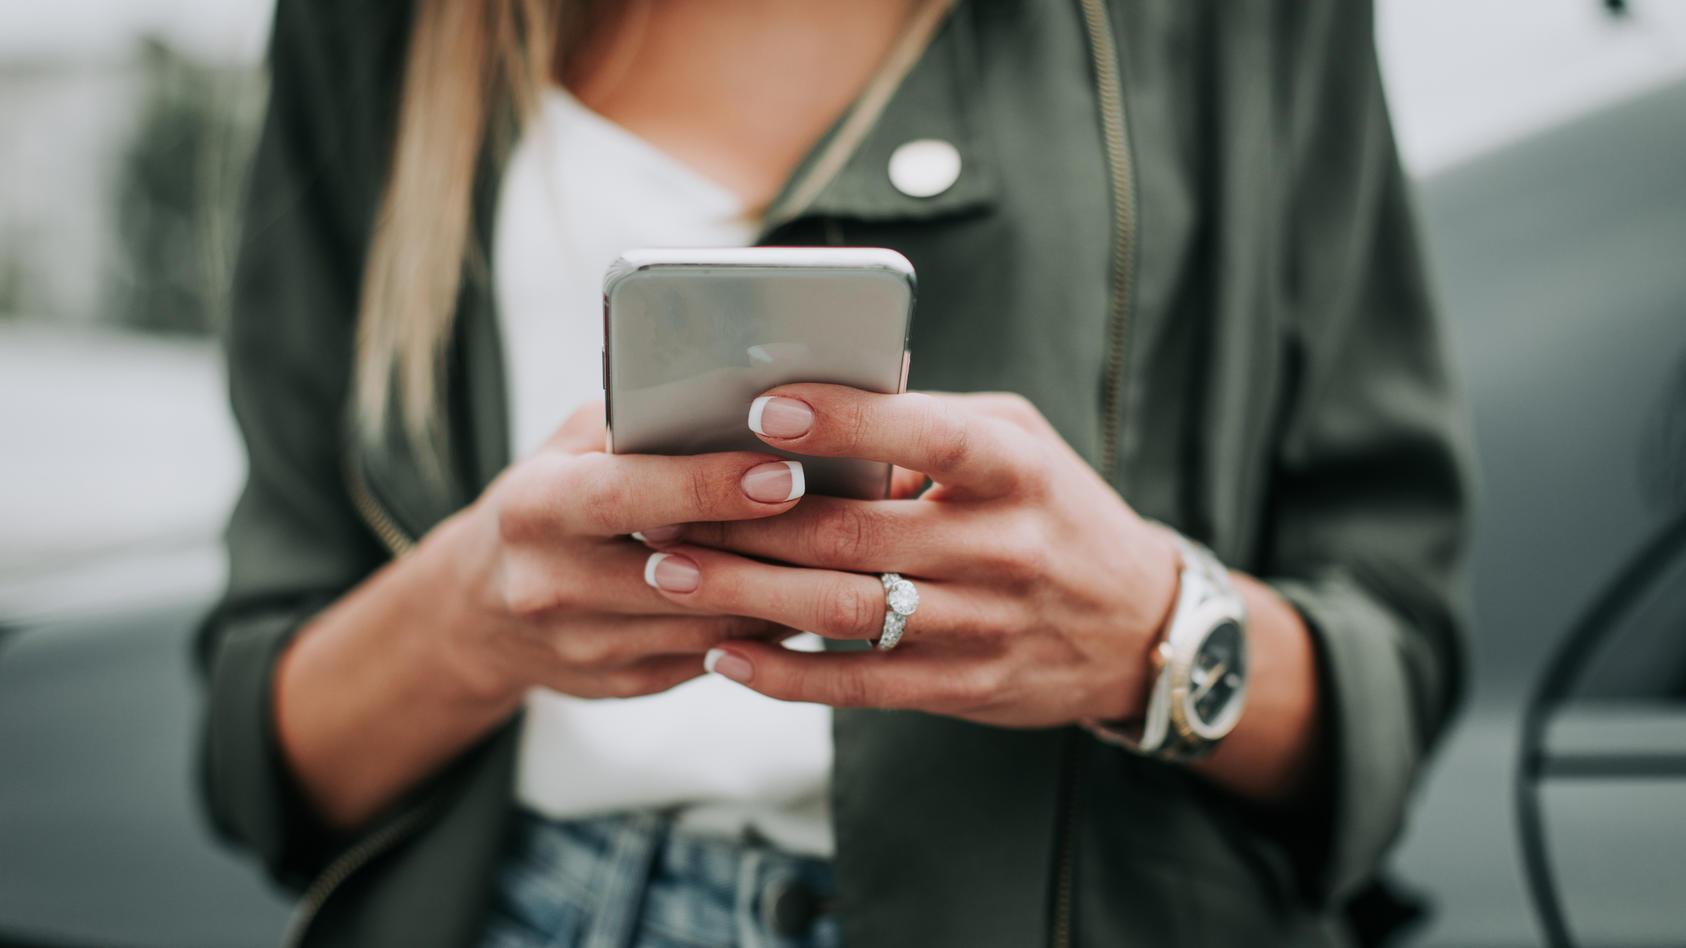 Egal ob zu Hause, im Büro oder auf der Straße - das Smartphone ist immer dabei.